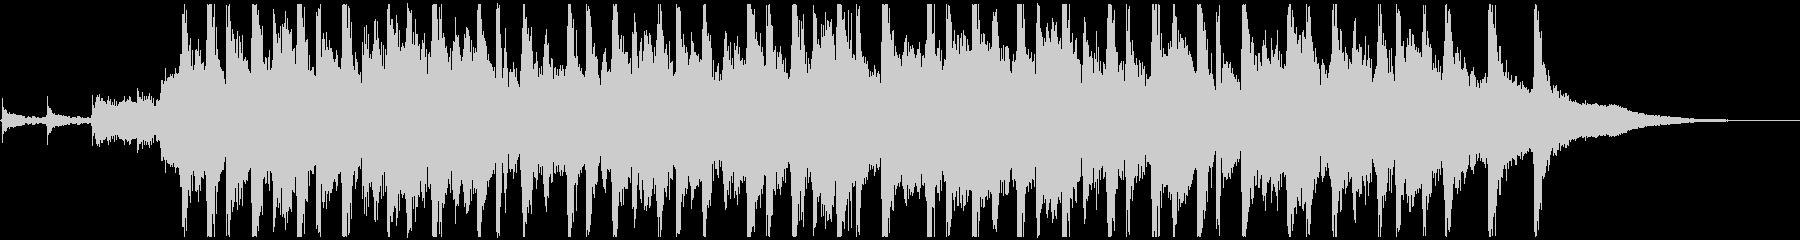 ピッチカート 可愛いマリンバ ジングルCの未再生の波形